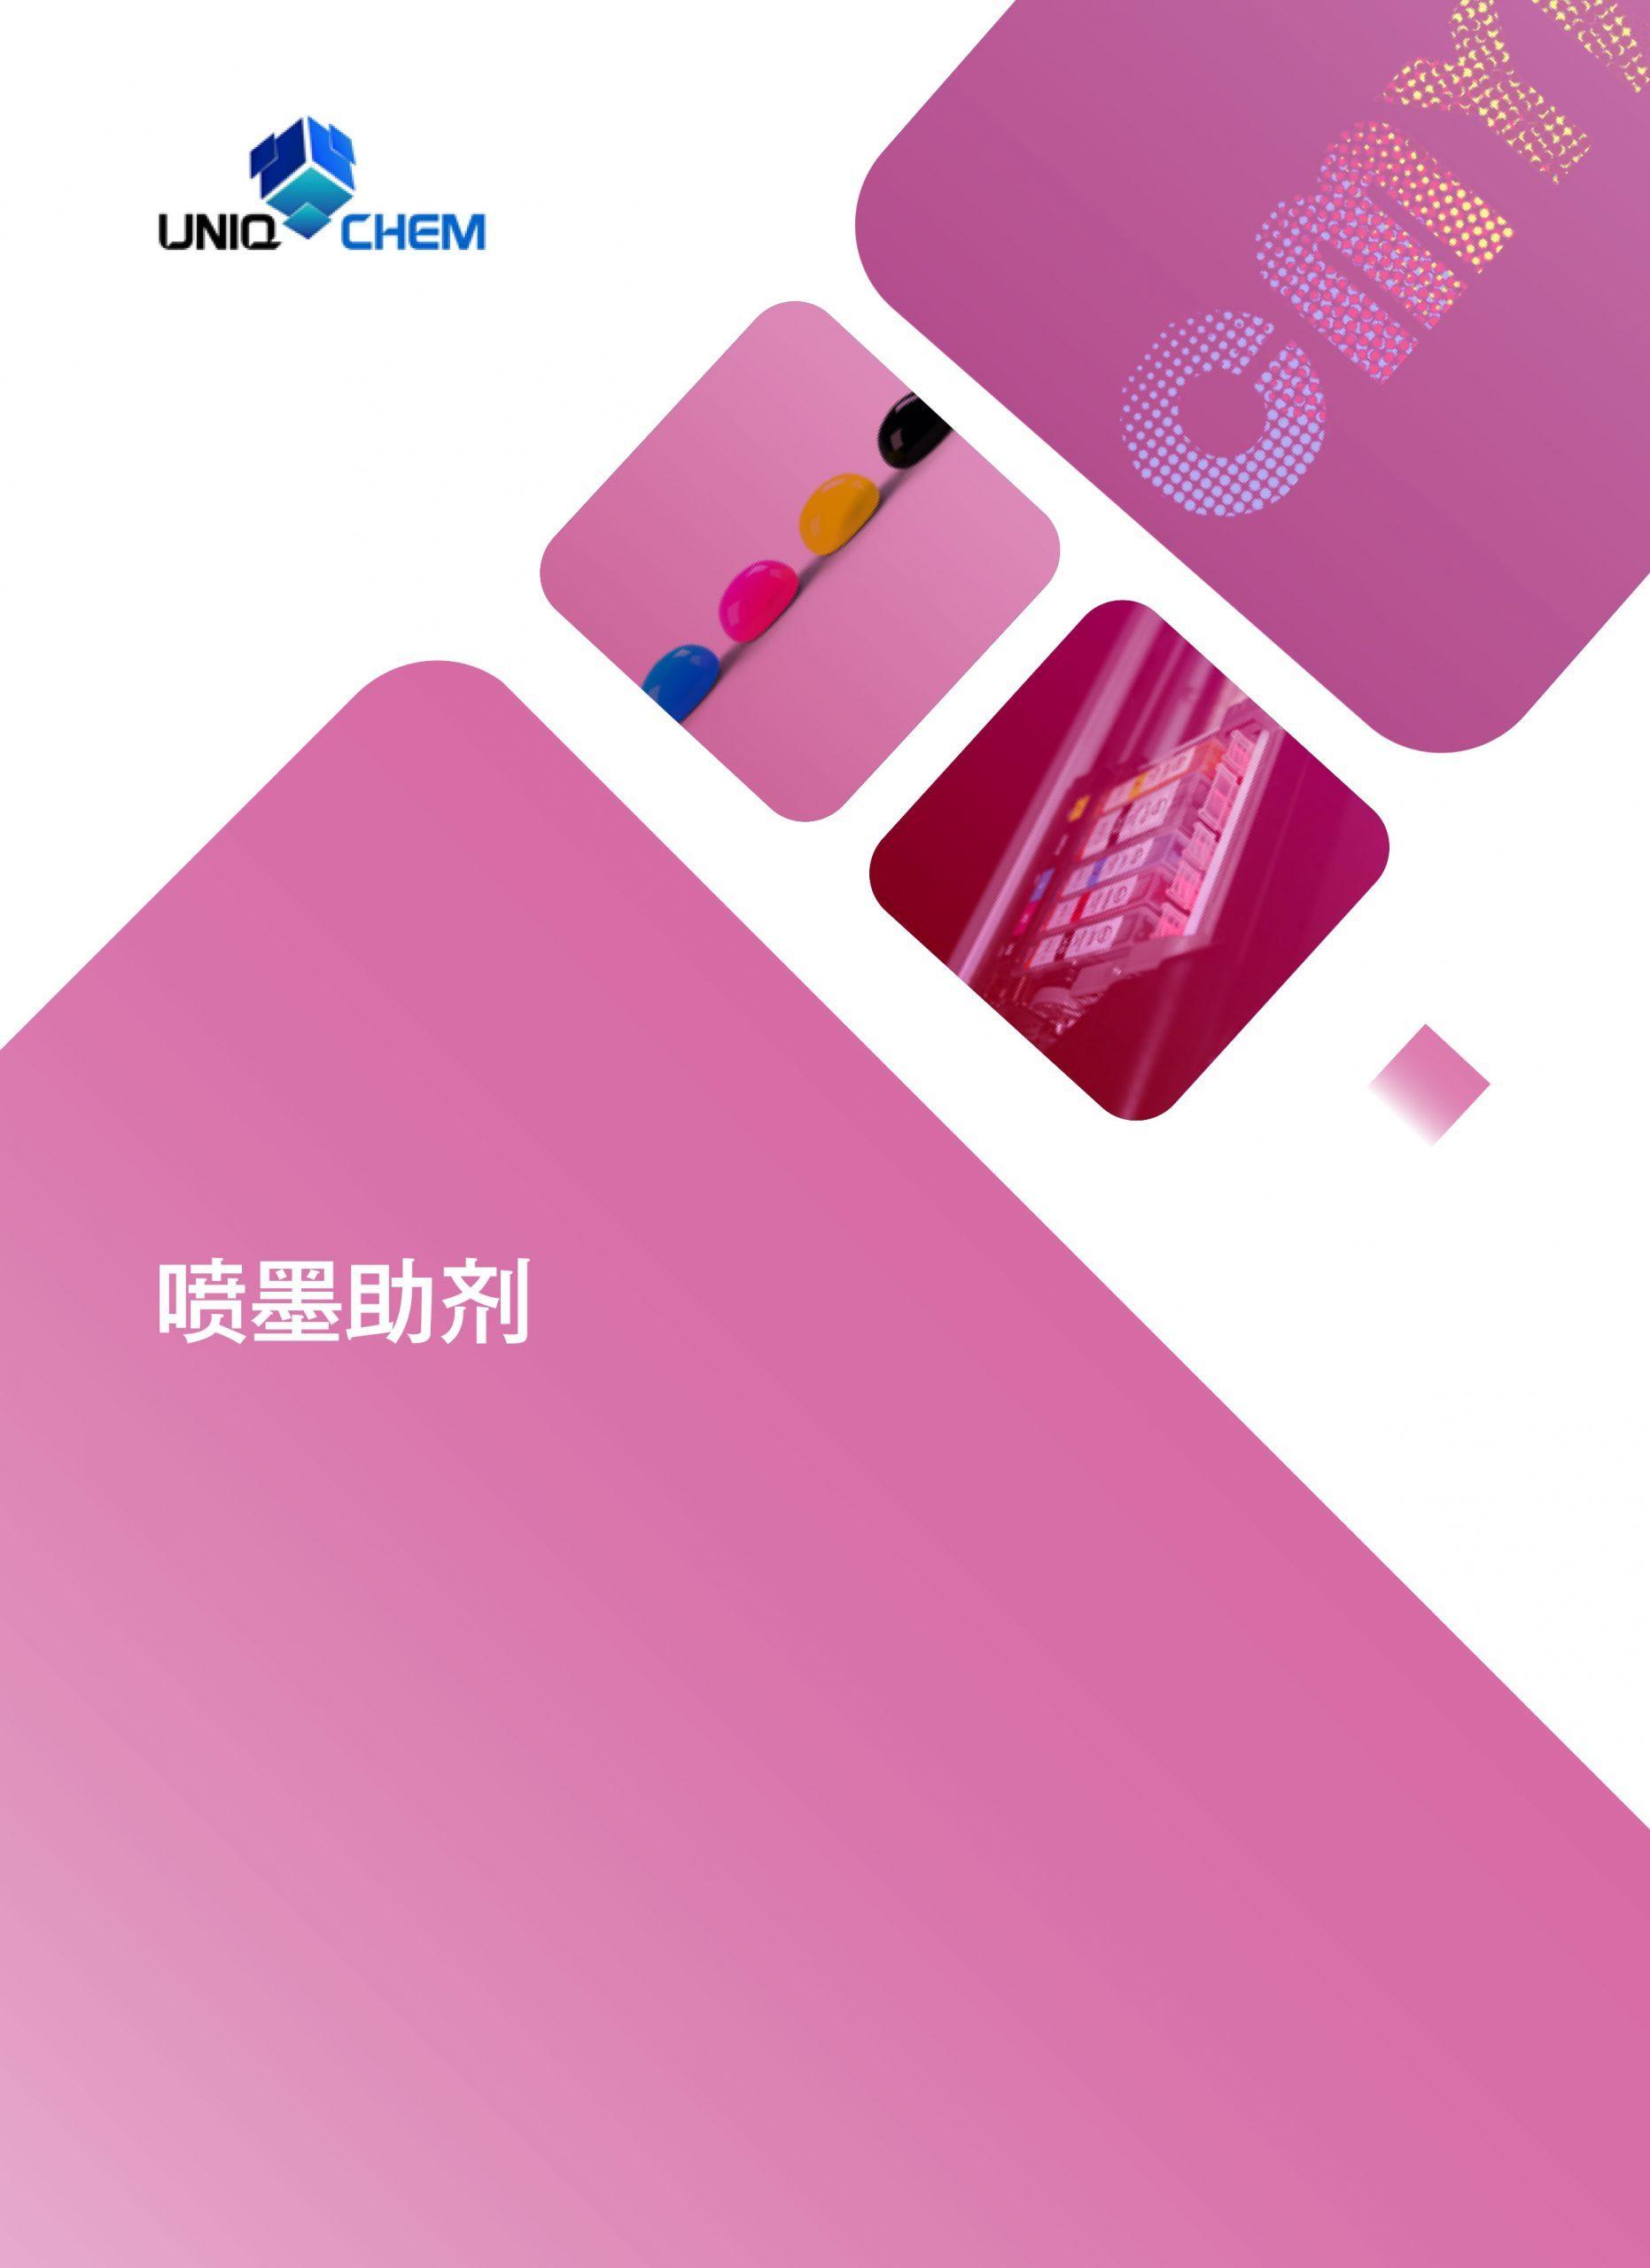 喷墨助剂-1_02